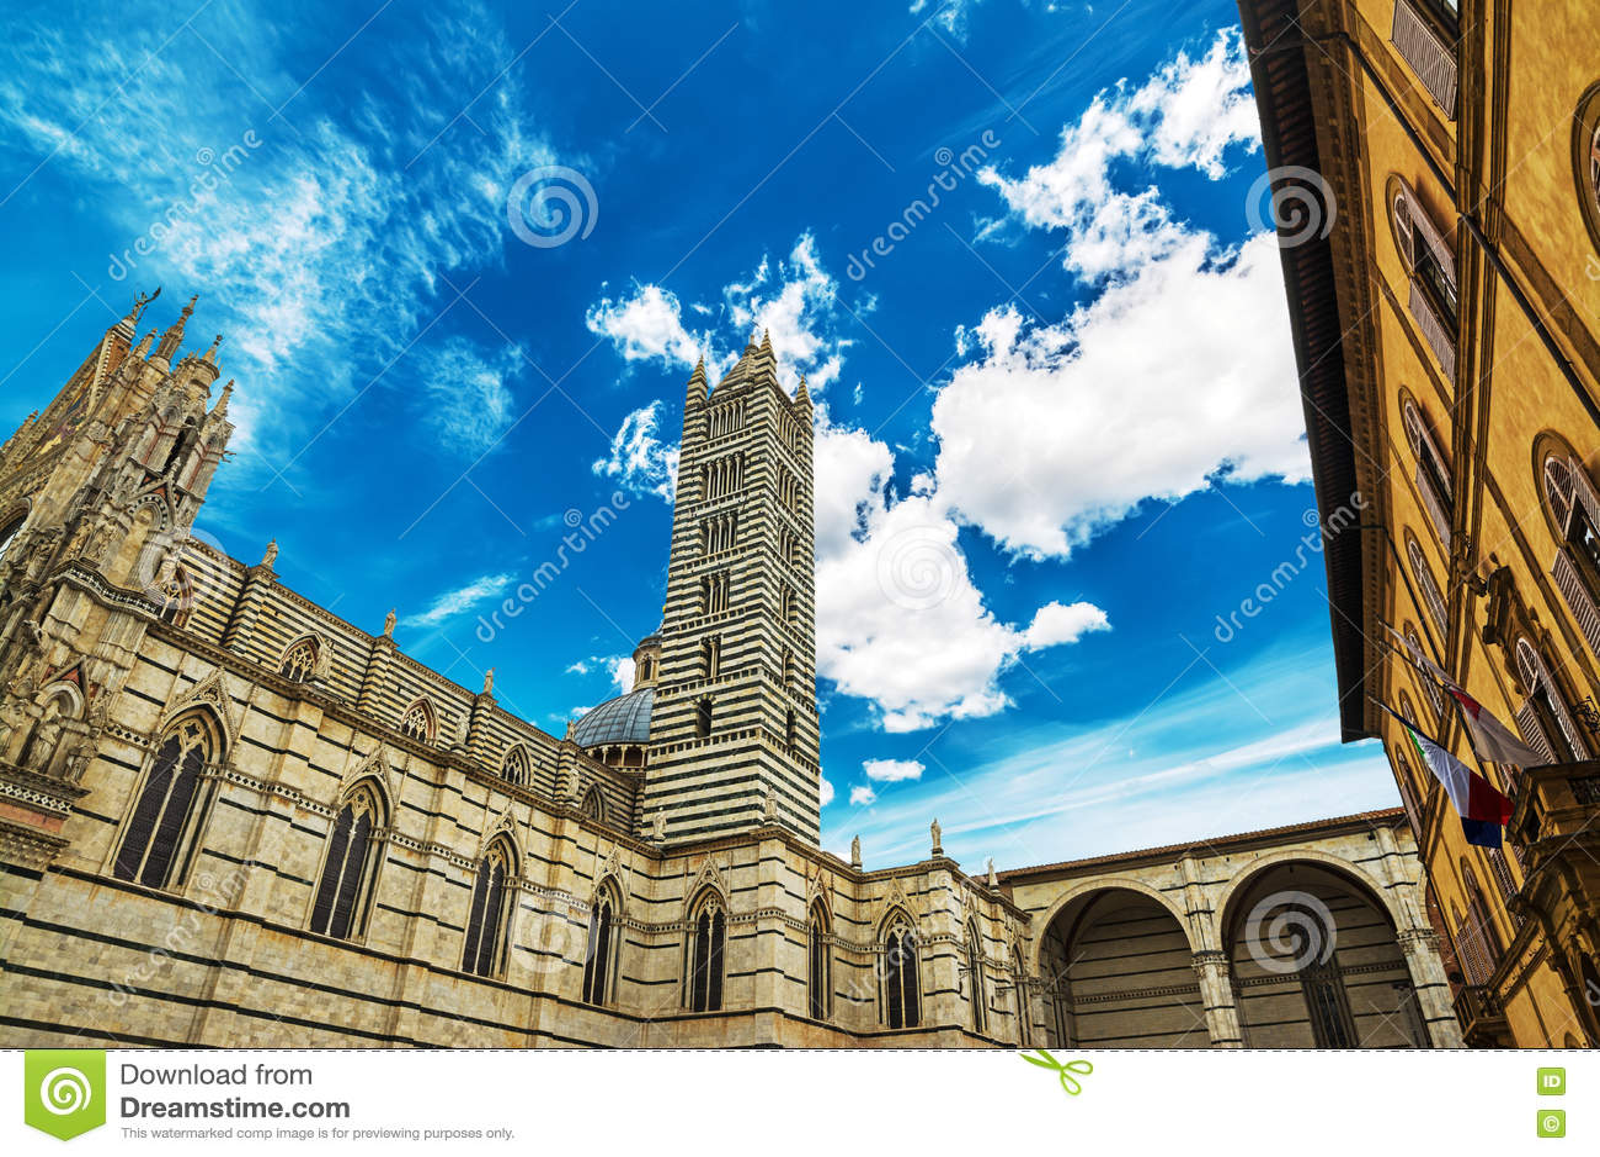 Καθεδρικός ναός της Σιένα κάτω από έναν γκρίζο νεφελώδη ουρανό